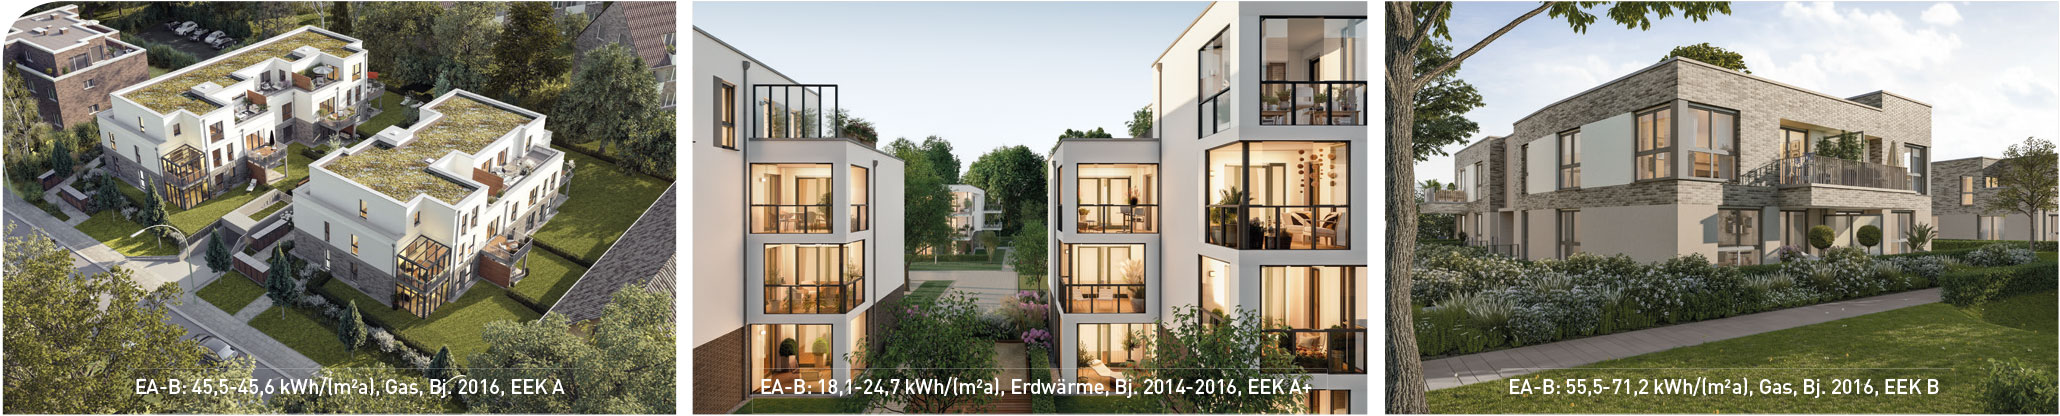 PROJECT Immobilien – Nachhaltig Wohnen in KfW-55-Neubauten ...